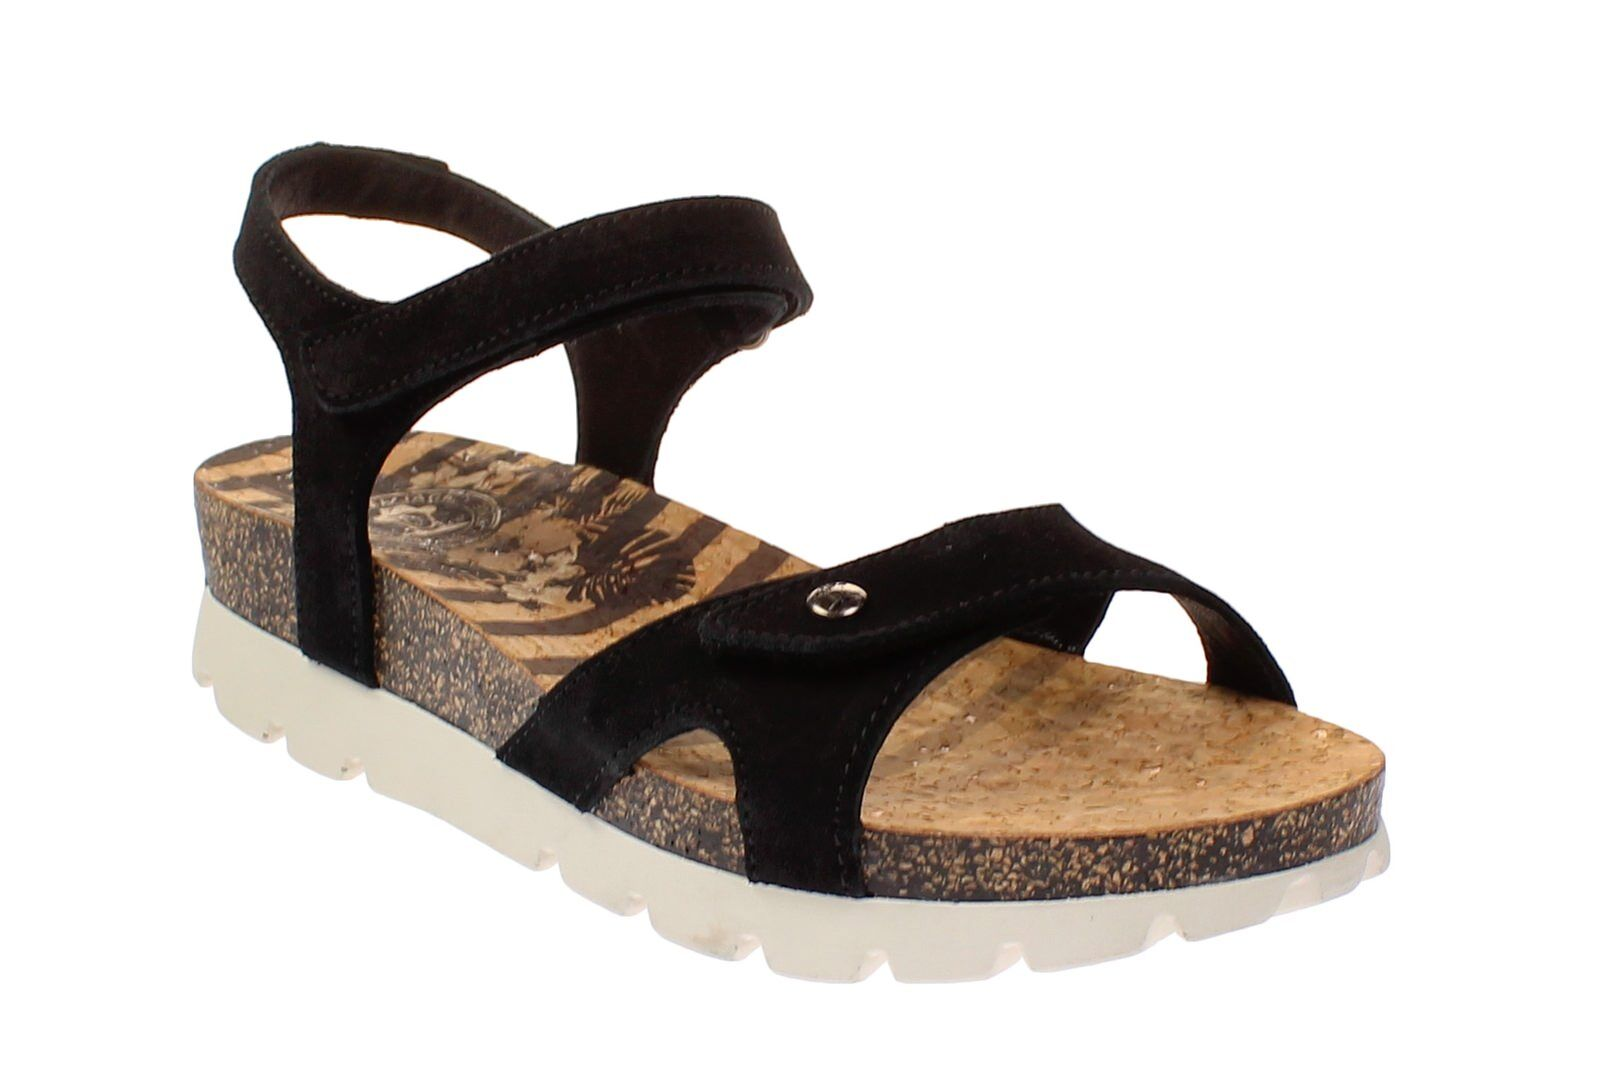 Panama Sailor-zapatos Jack Sulia Sailor-zapatos Panama señora sandalias-b1-velourblack 315a87